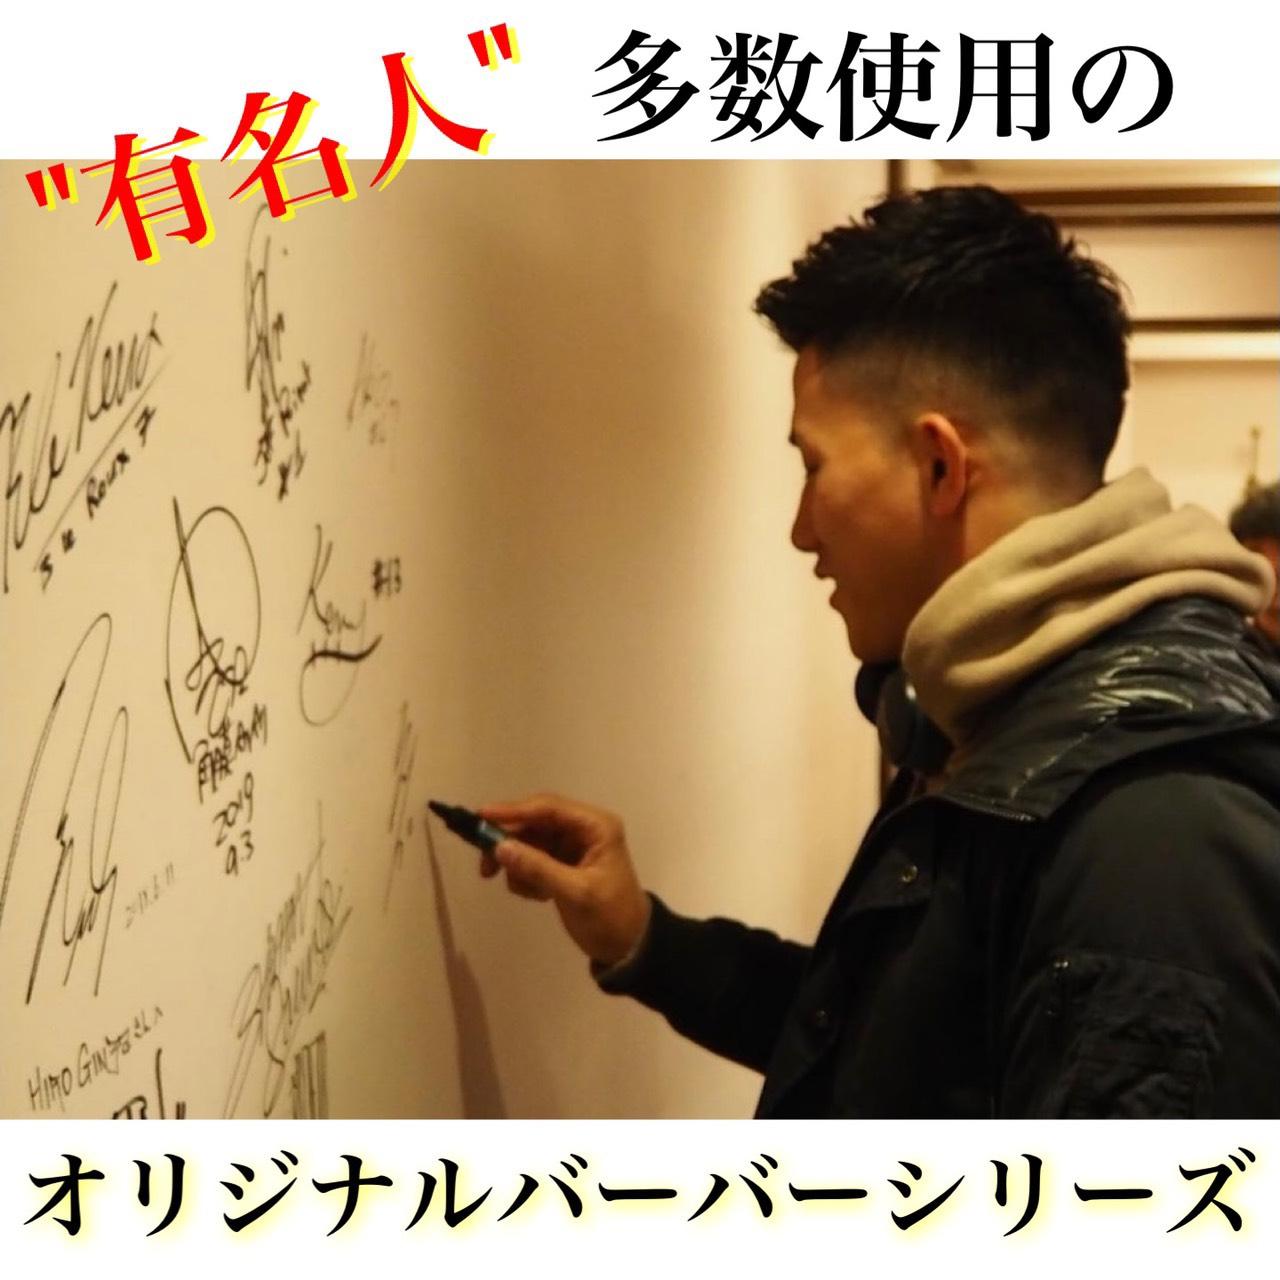 【プレミアムヘアクリーム】バーバークリーム 90g